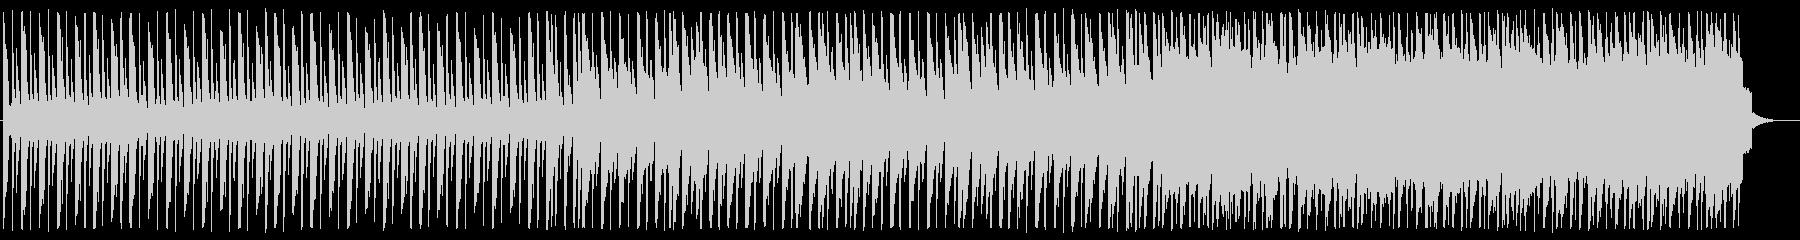 サイバー/エレクトロ_No579_2の未再生の波形